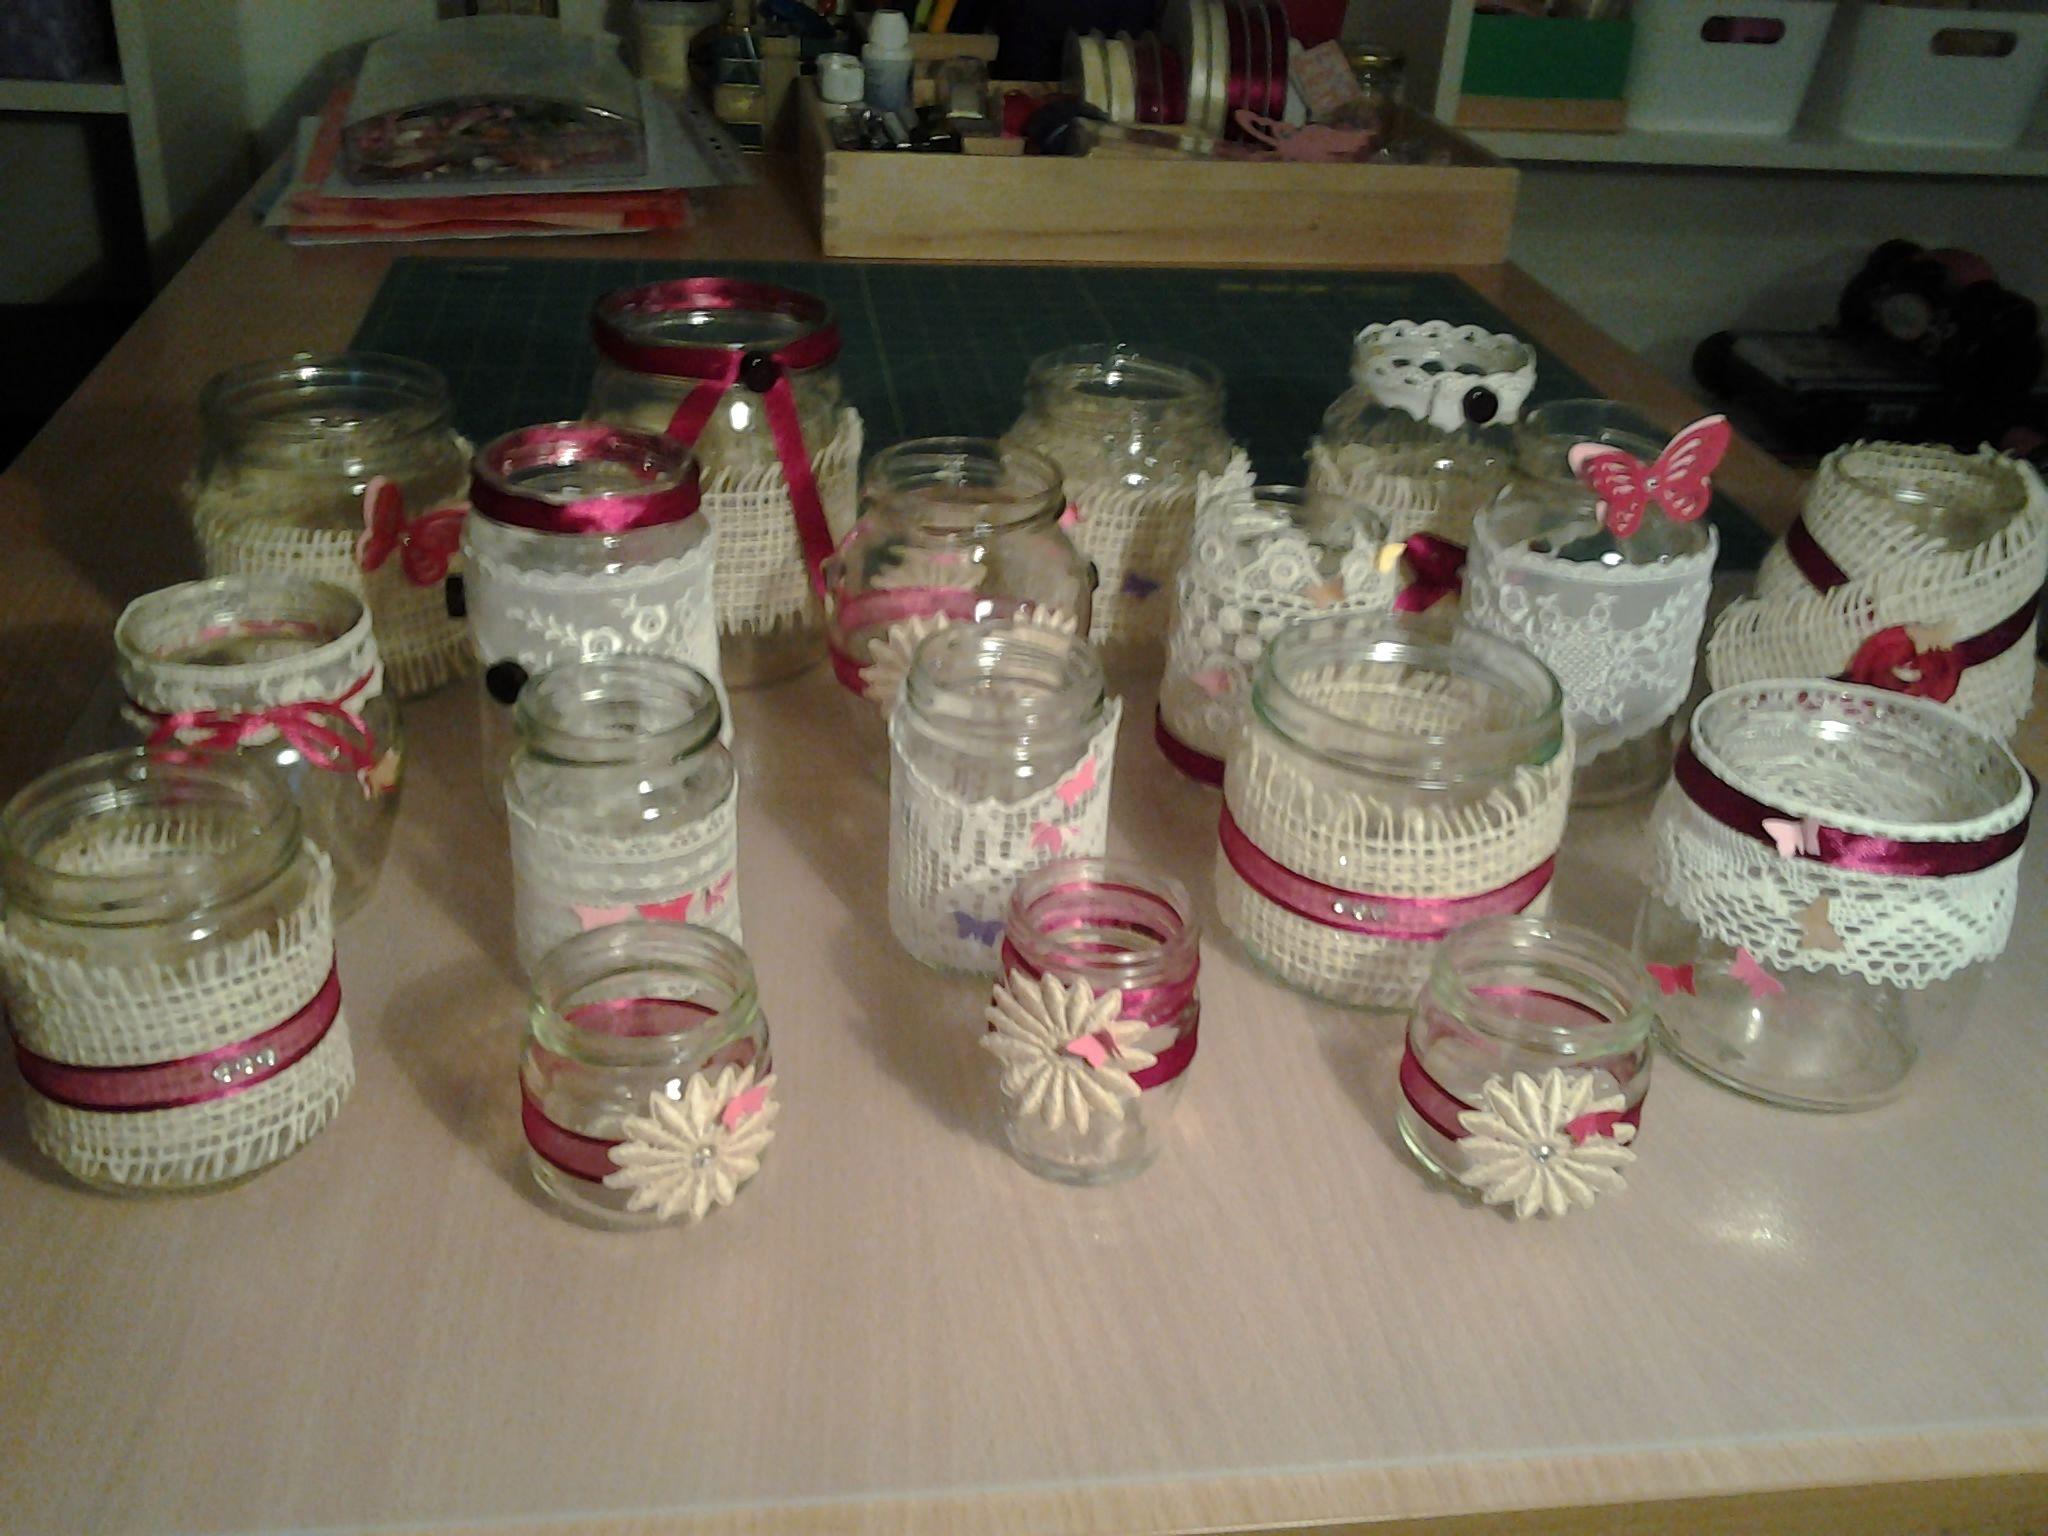 Vasetti di vetro decorati con pizzi bottoni nastri e tanta fantasia bomboniere favors - Bicchieri decorati per natale ...